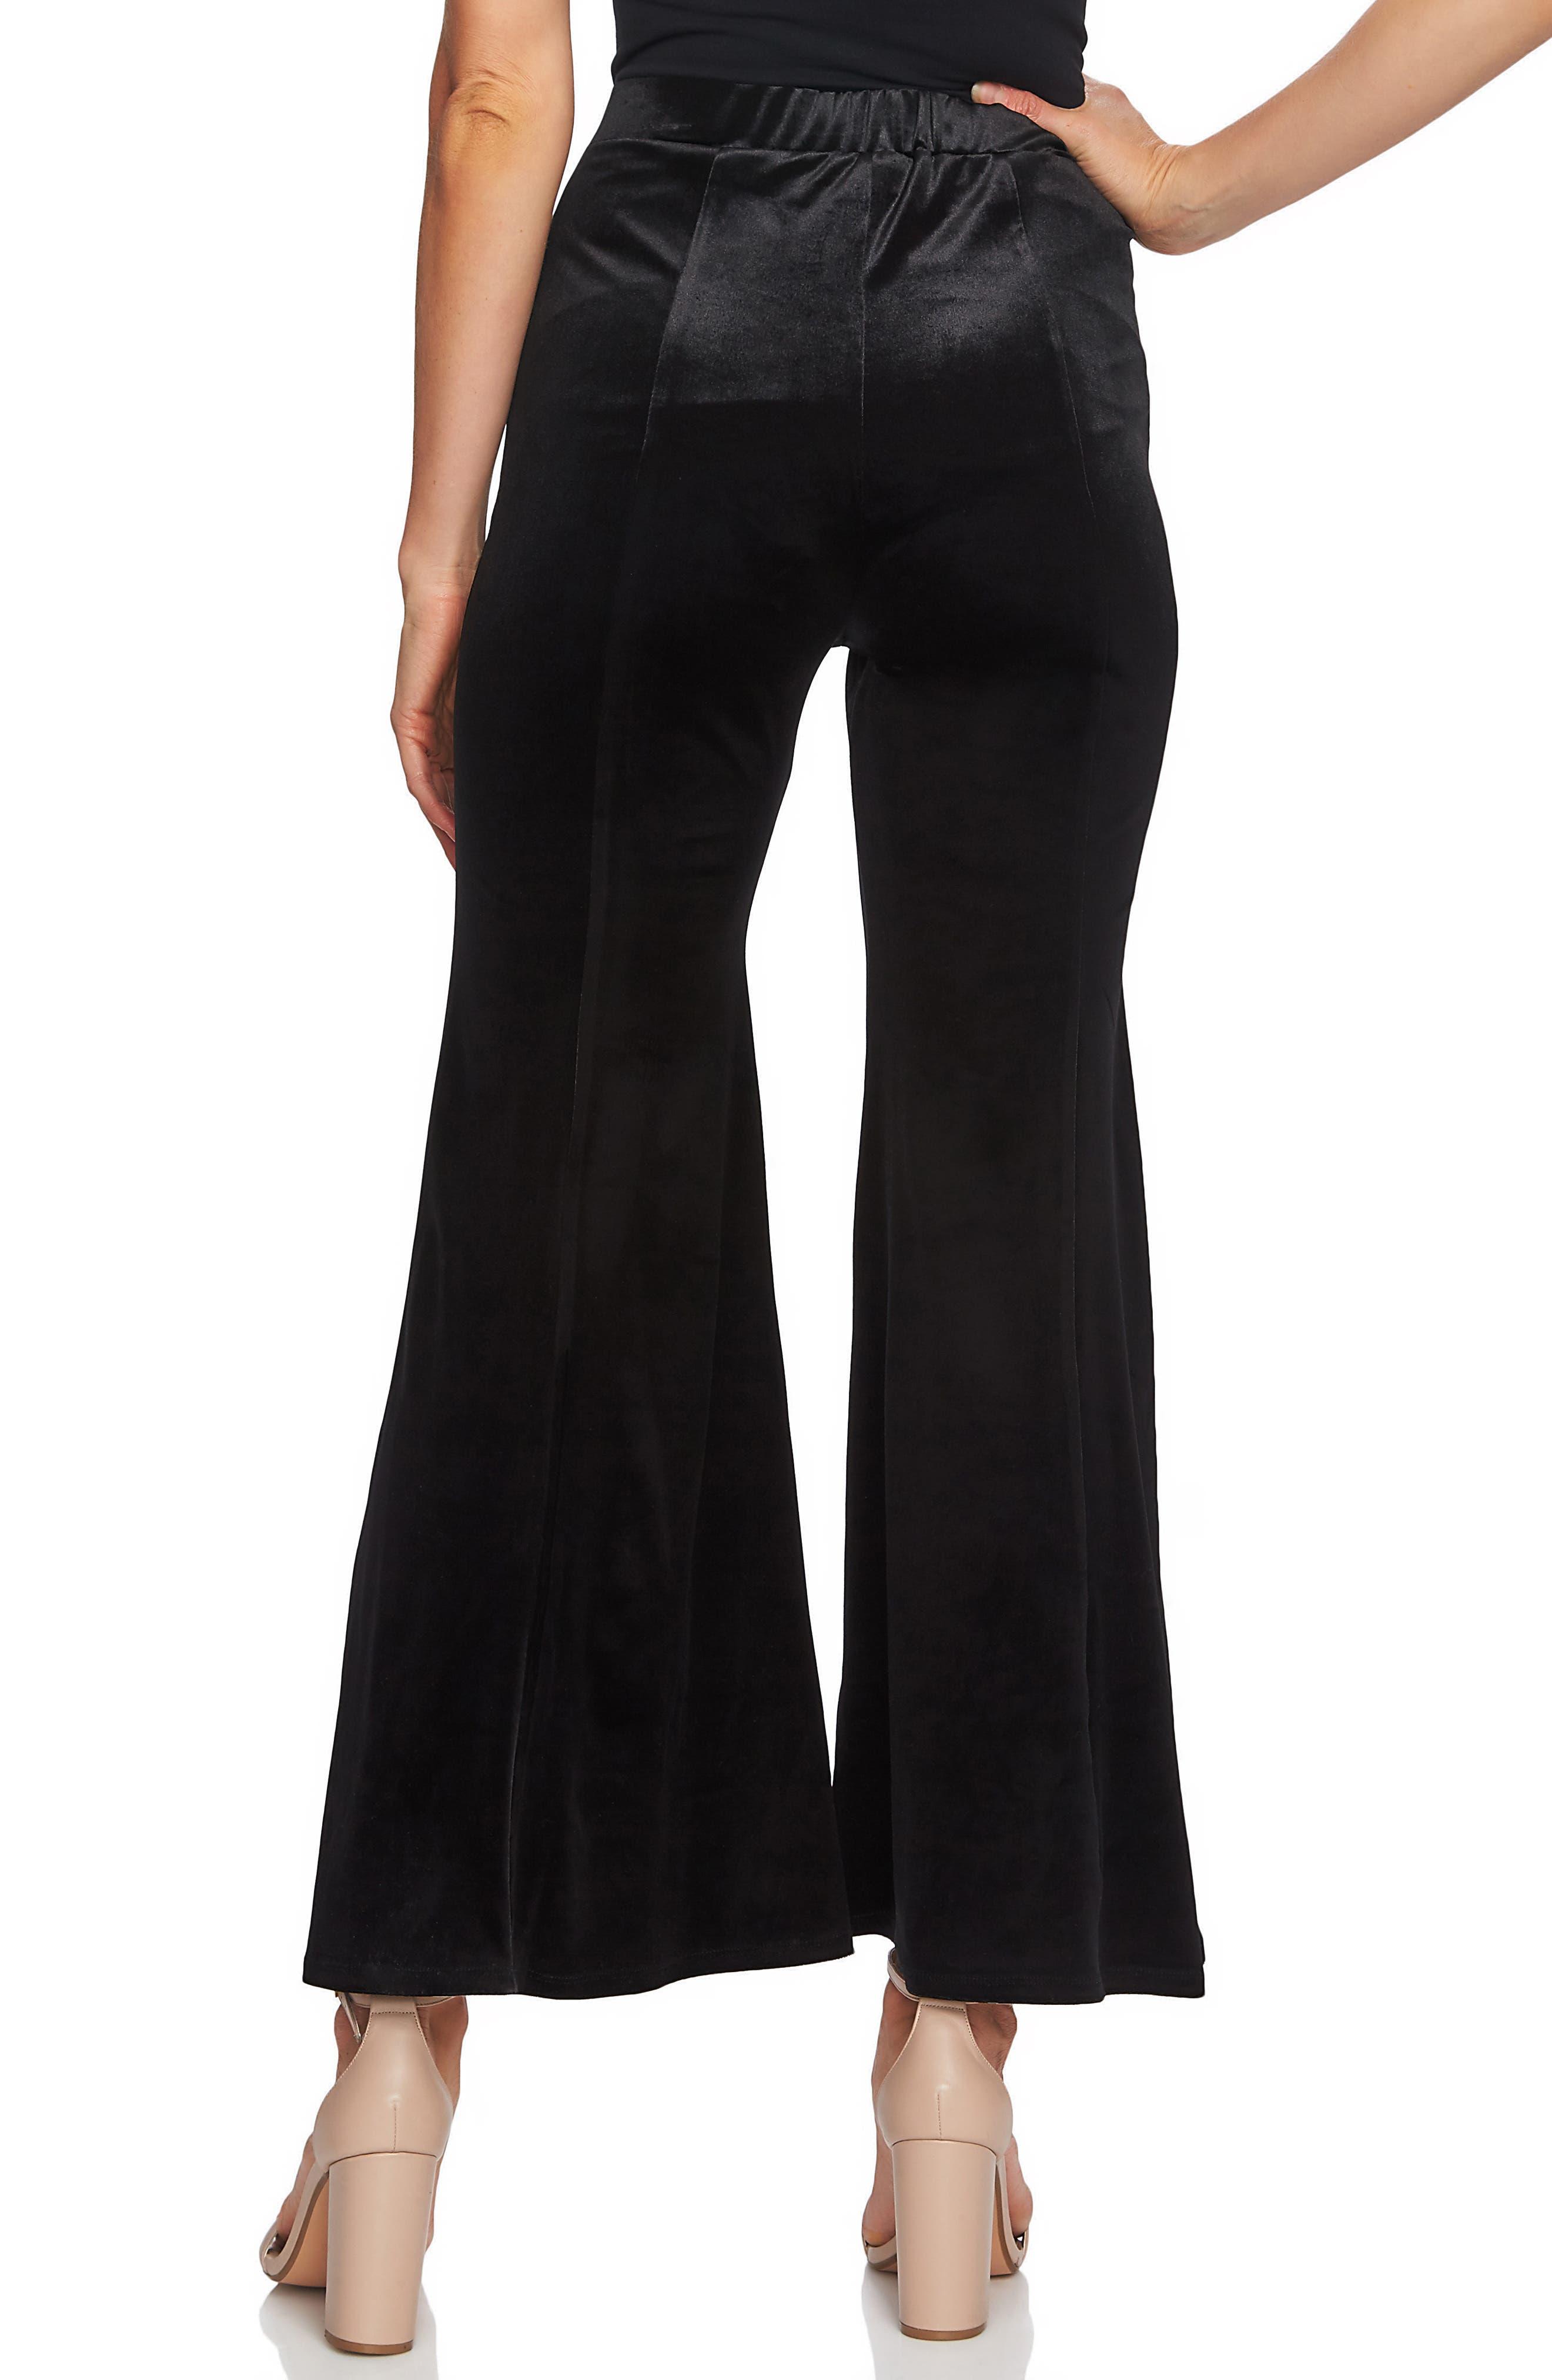 Velveteen Flare Leg Pants,                             Alternate thumbnail 2, color,                             RICH BLACK